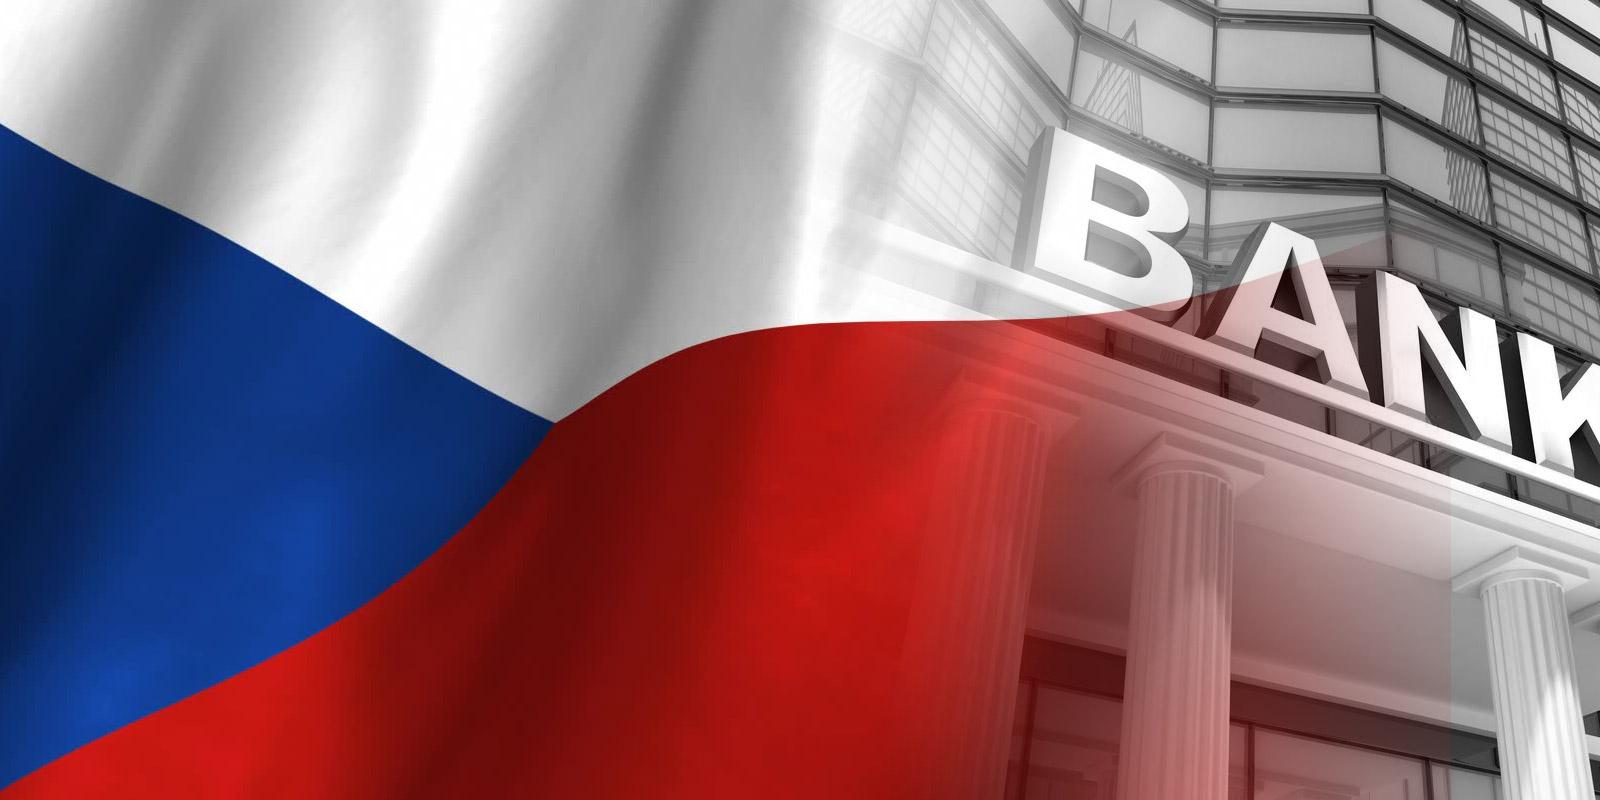 Velký přehled majitelů a zisků. Kdo vlastní české banky a pojišťovny?